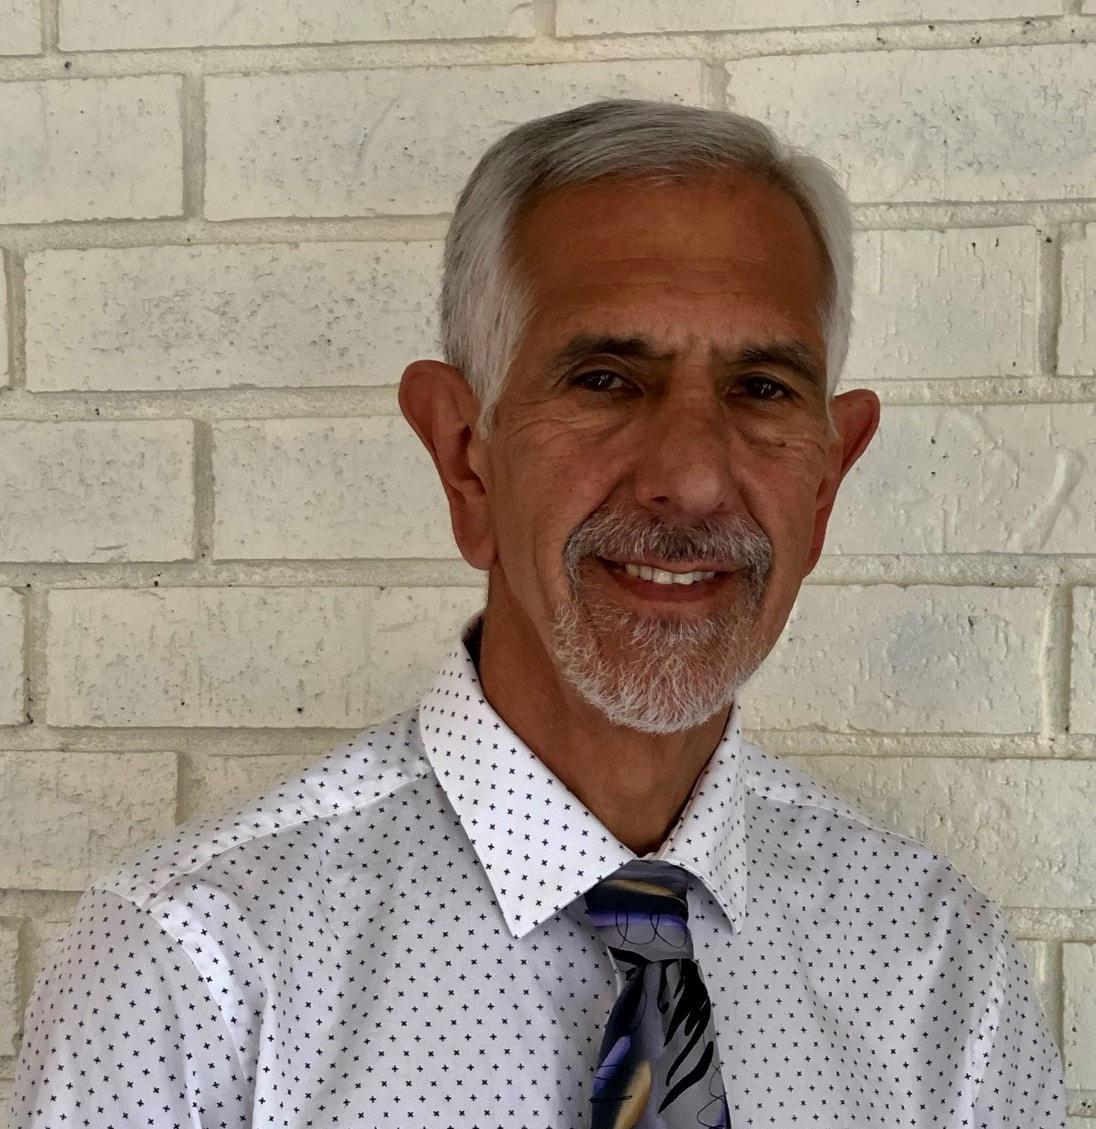 Phillip Bustos